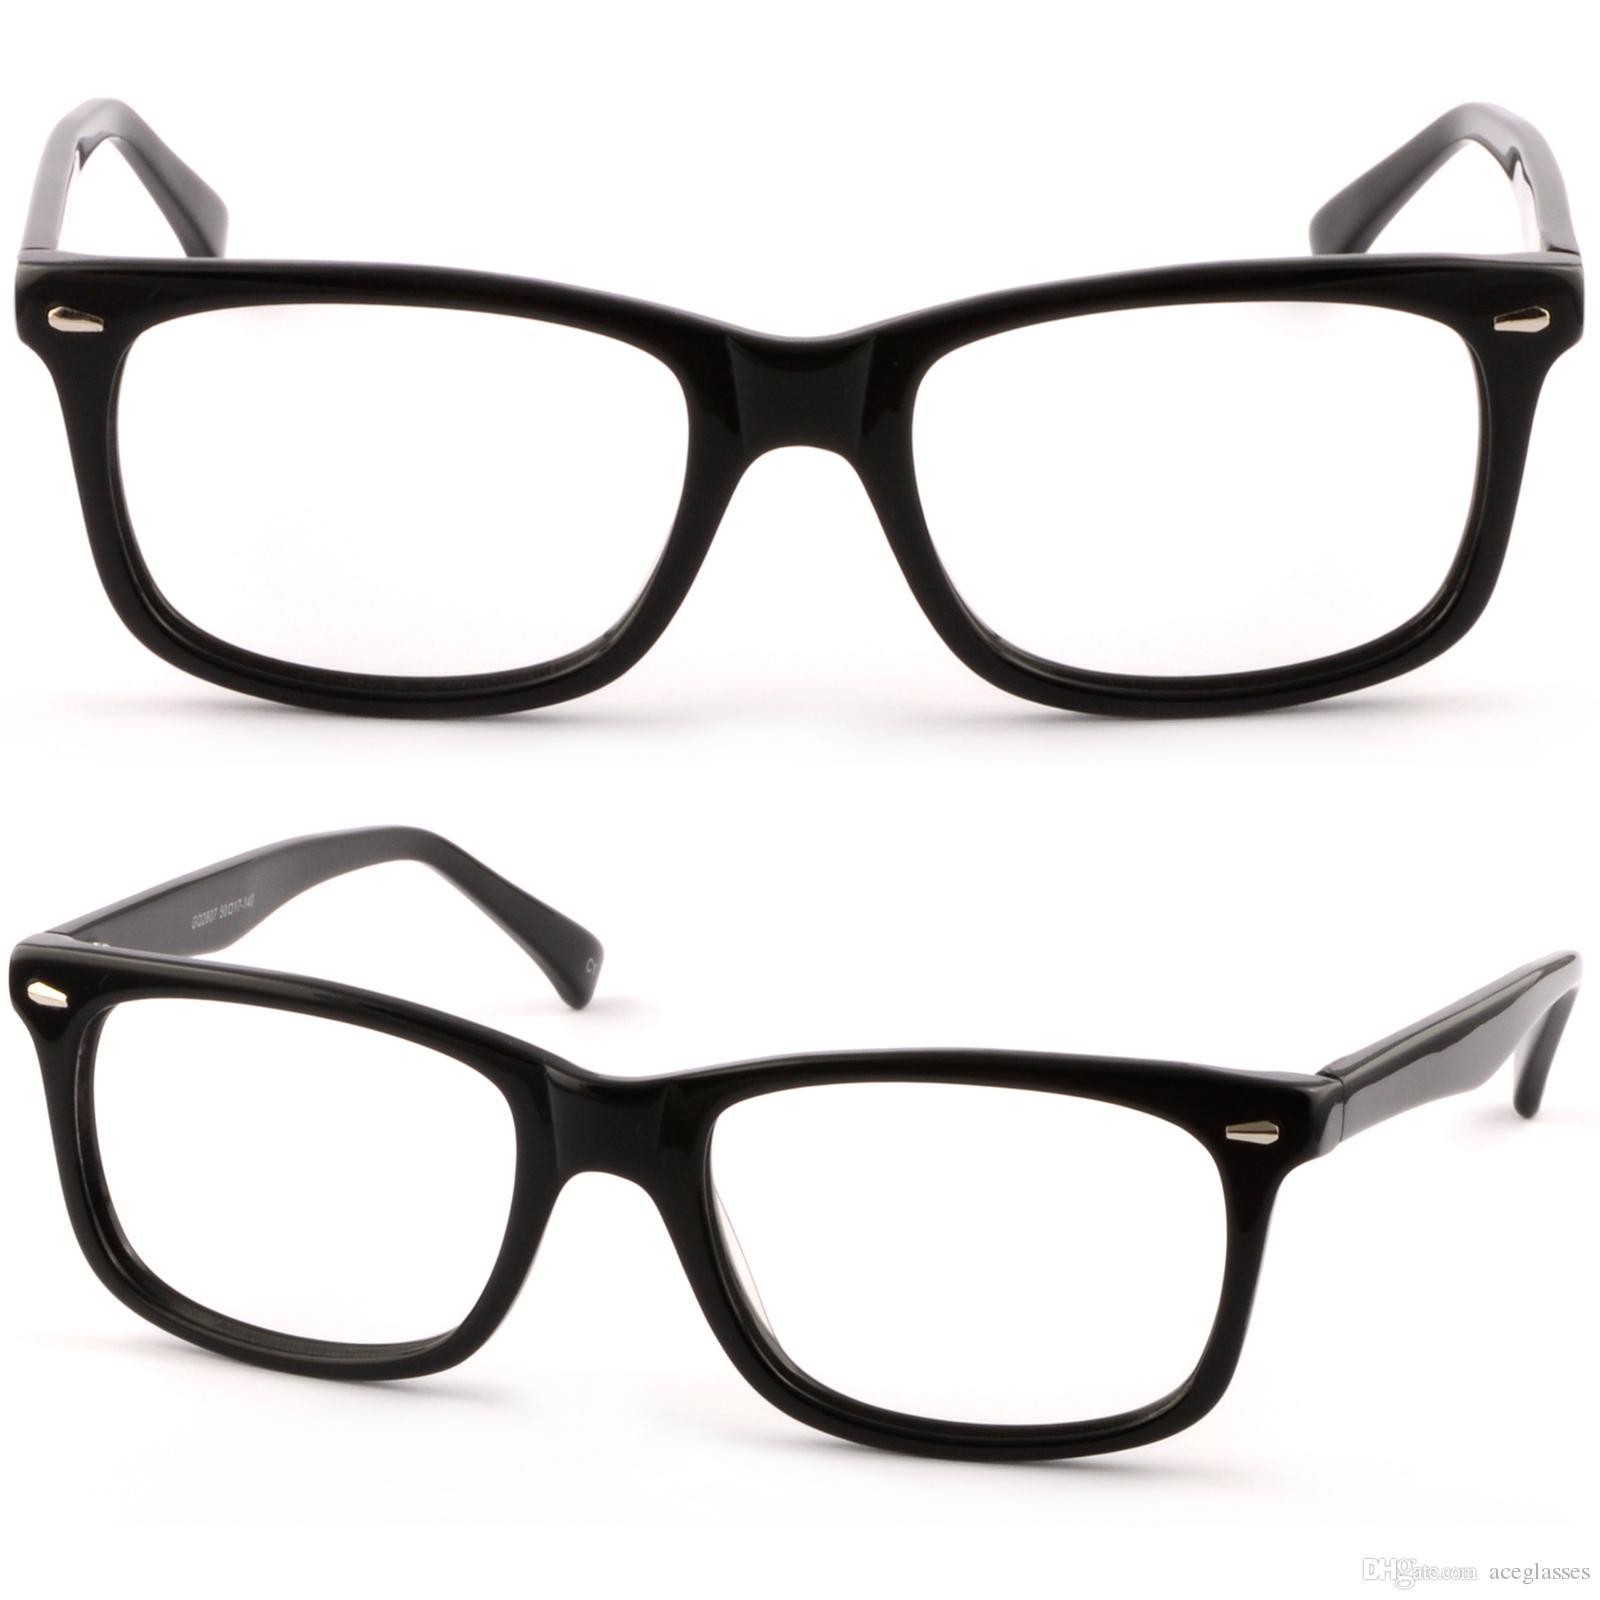 Rectangular Womens Acetate Frames Prescription Glasses Lenses Shiny ...